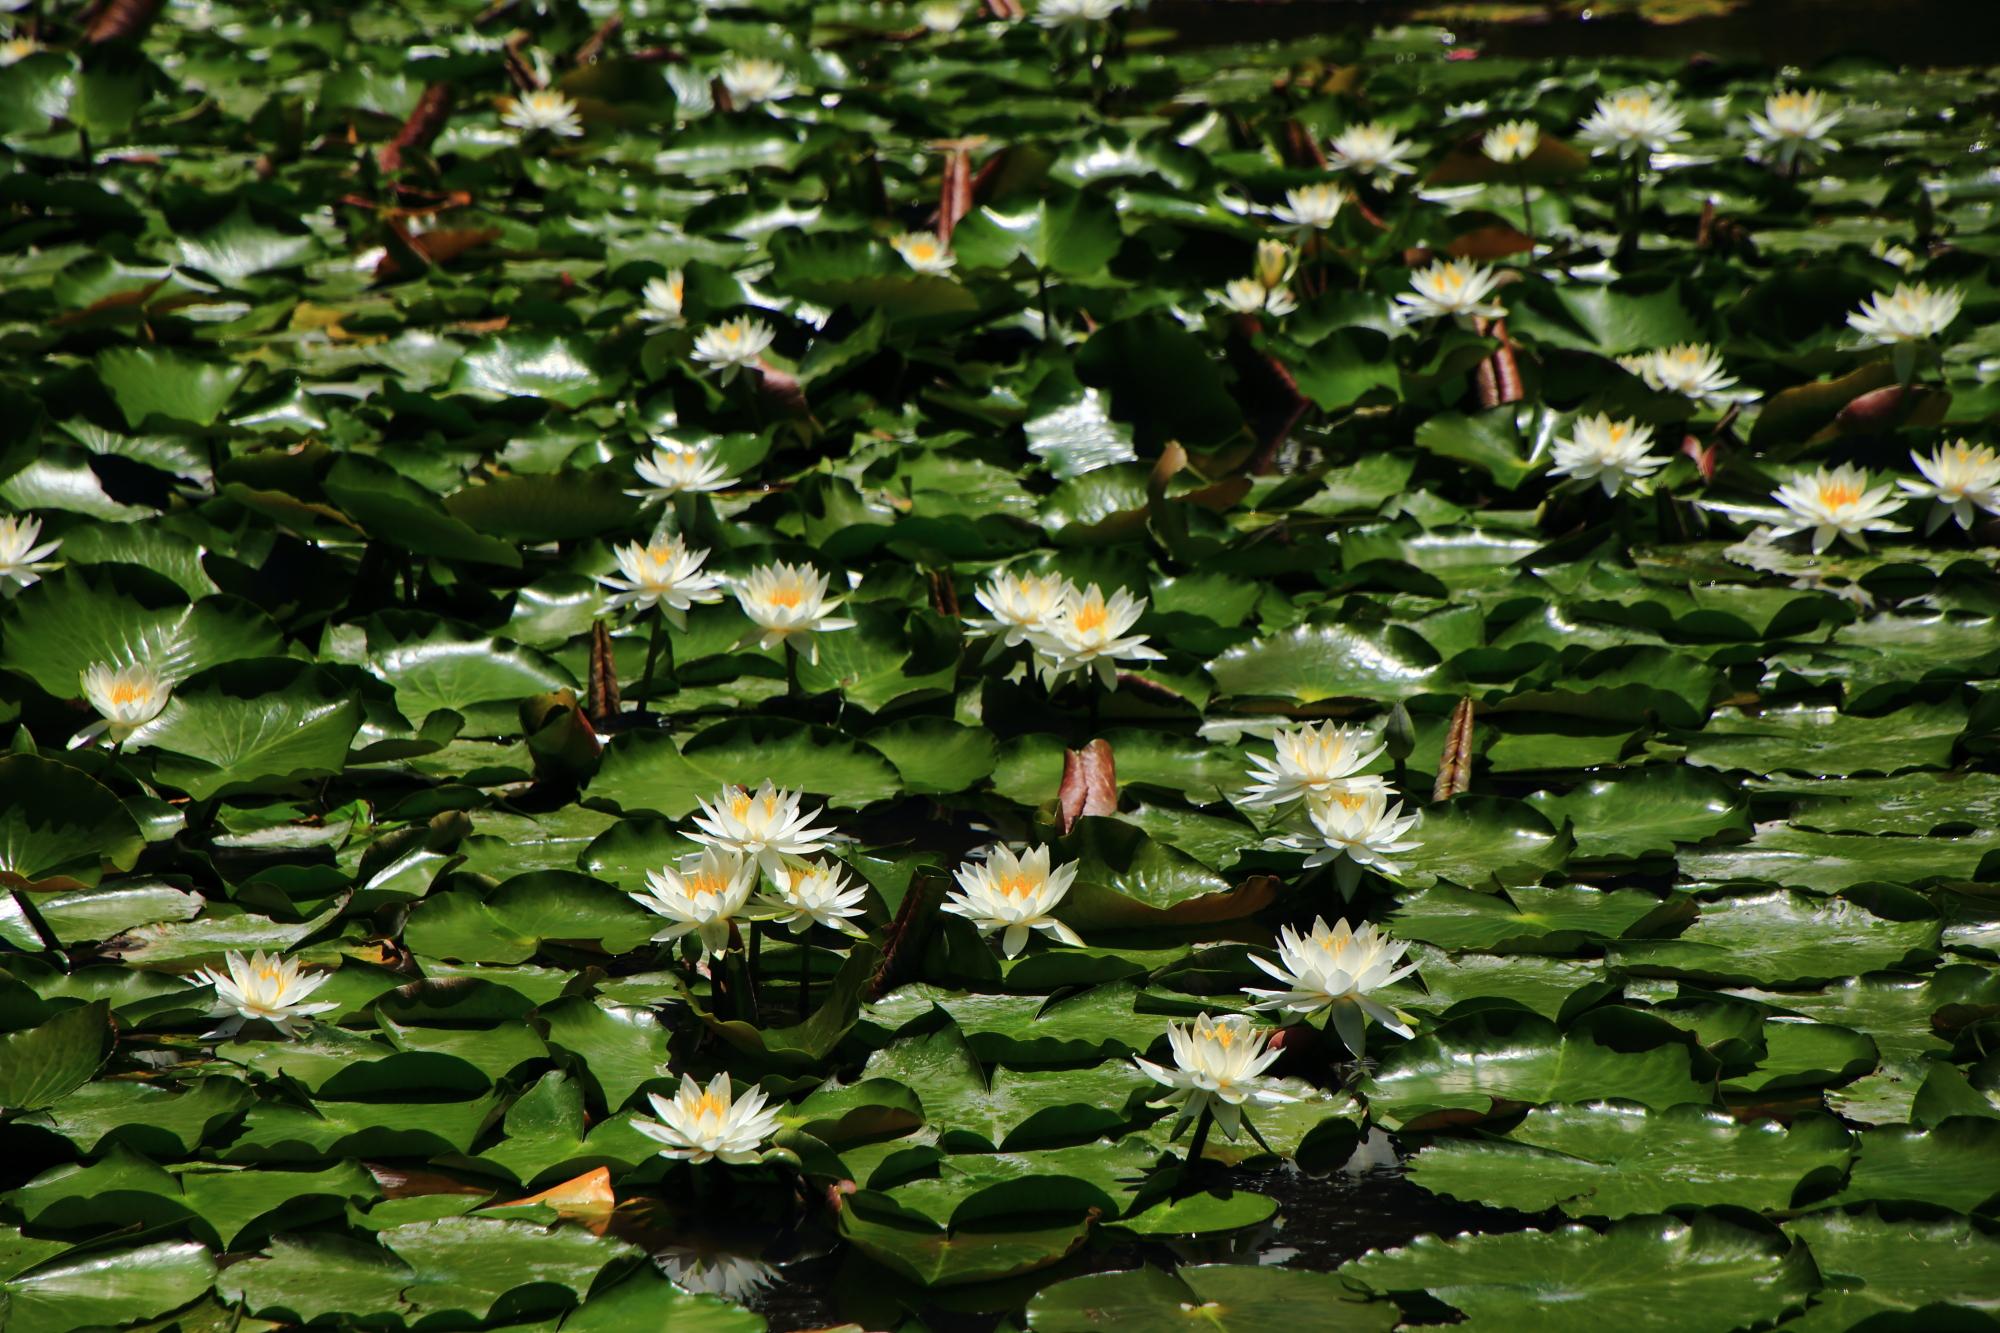 水面を上品に彩る梅宮大社の白い睡蓮